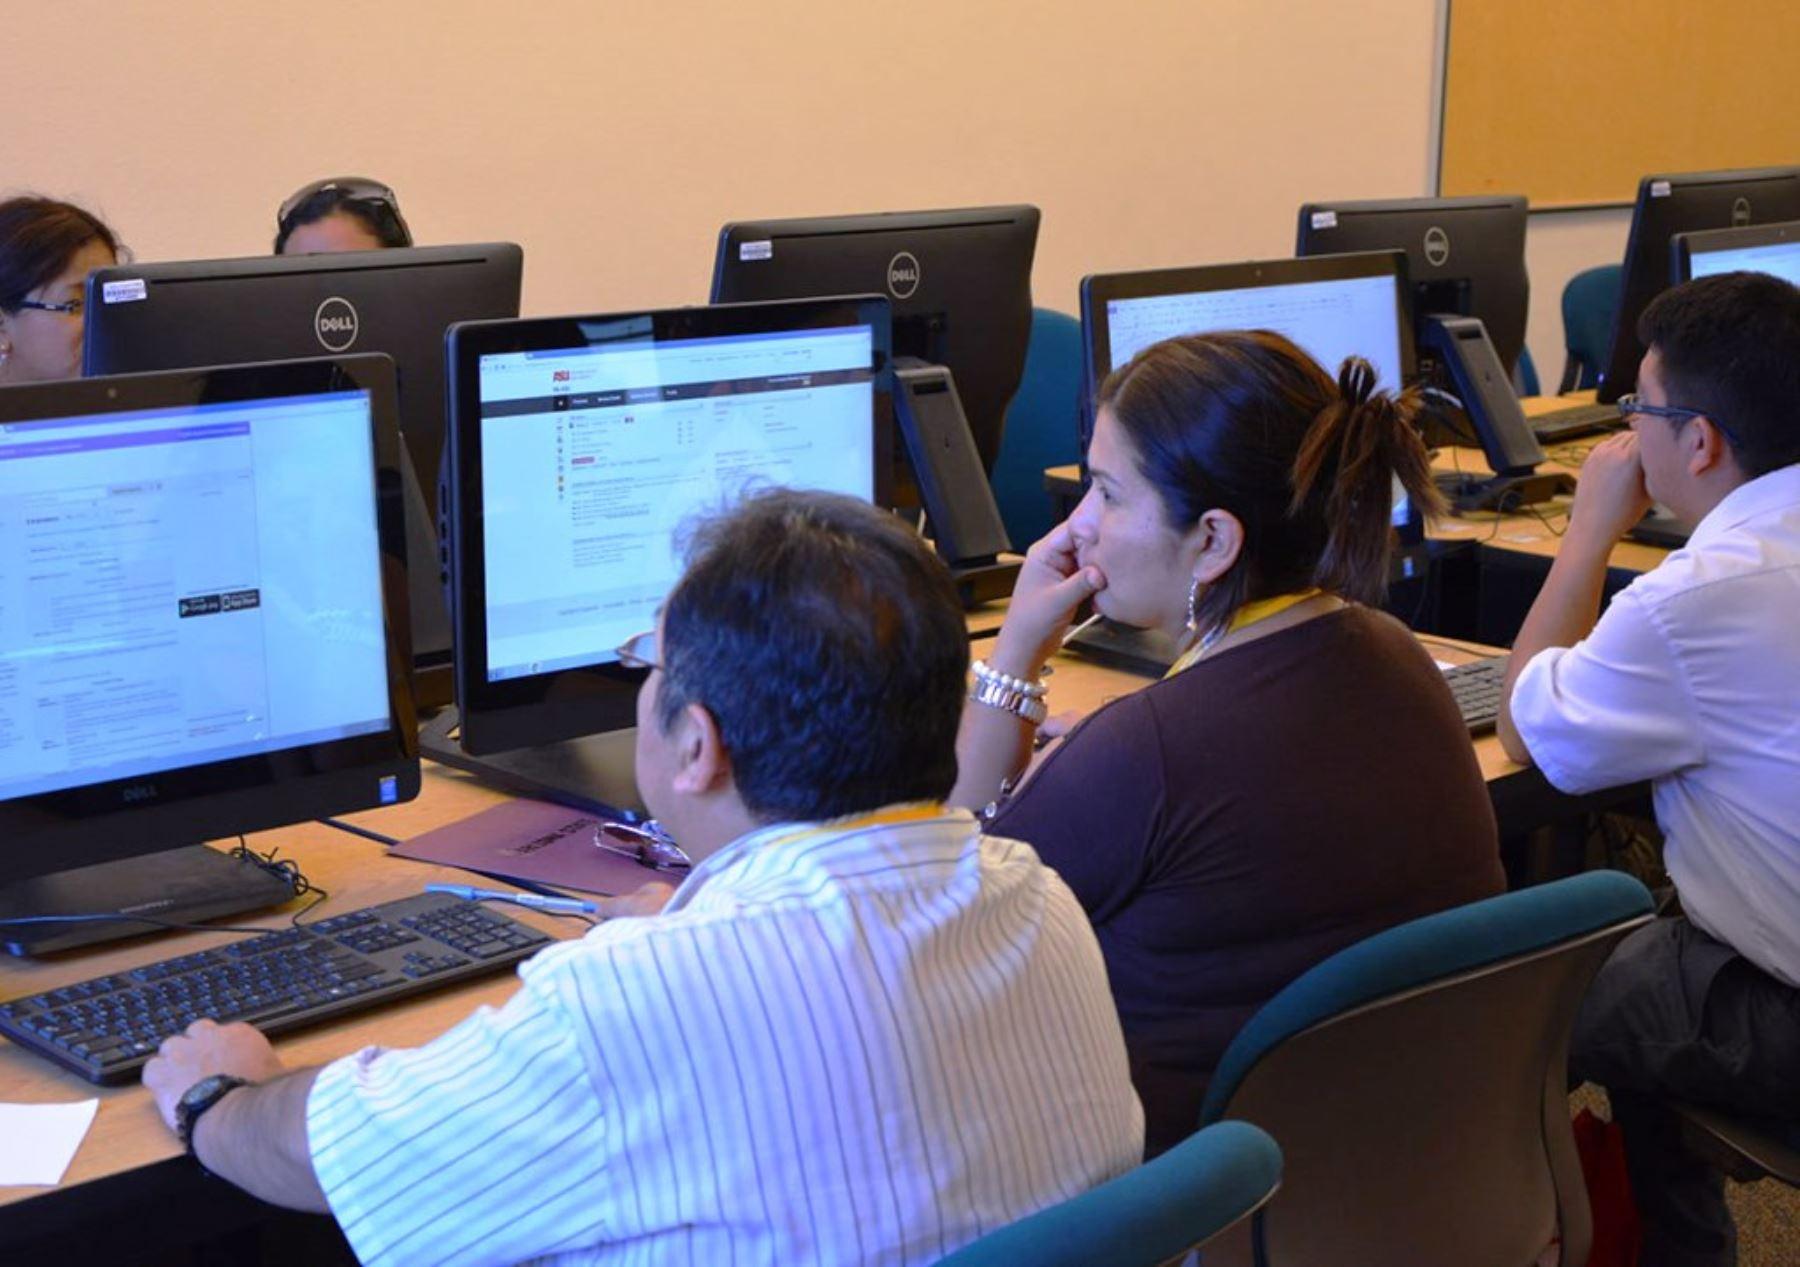 Docentes pueden recibir los cursos en el horario que se acomode a sus necesidades. Foto: ANDINA/Difusión